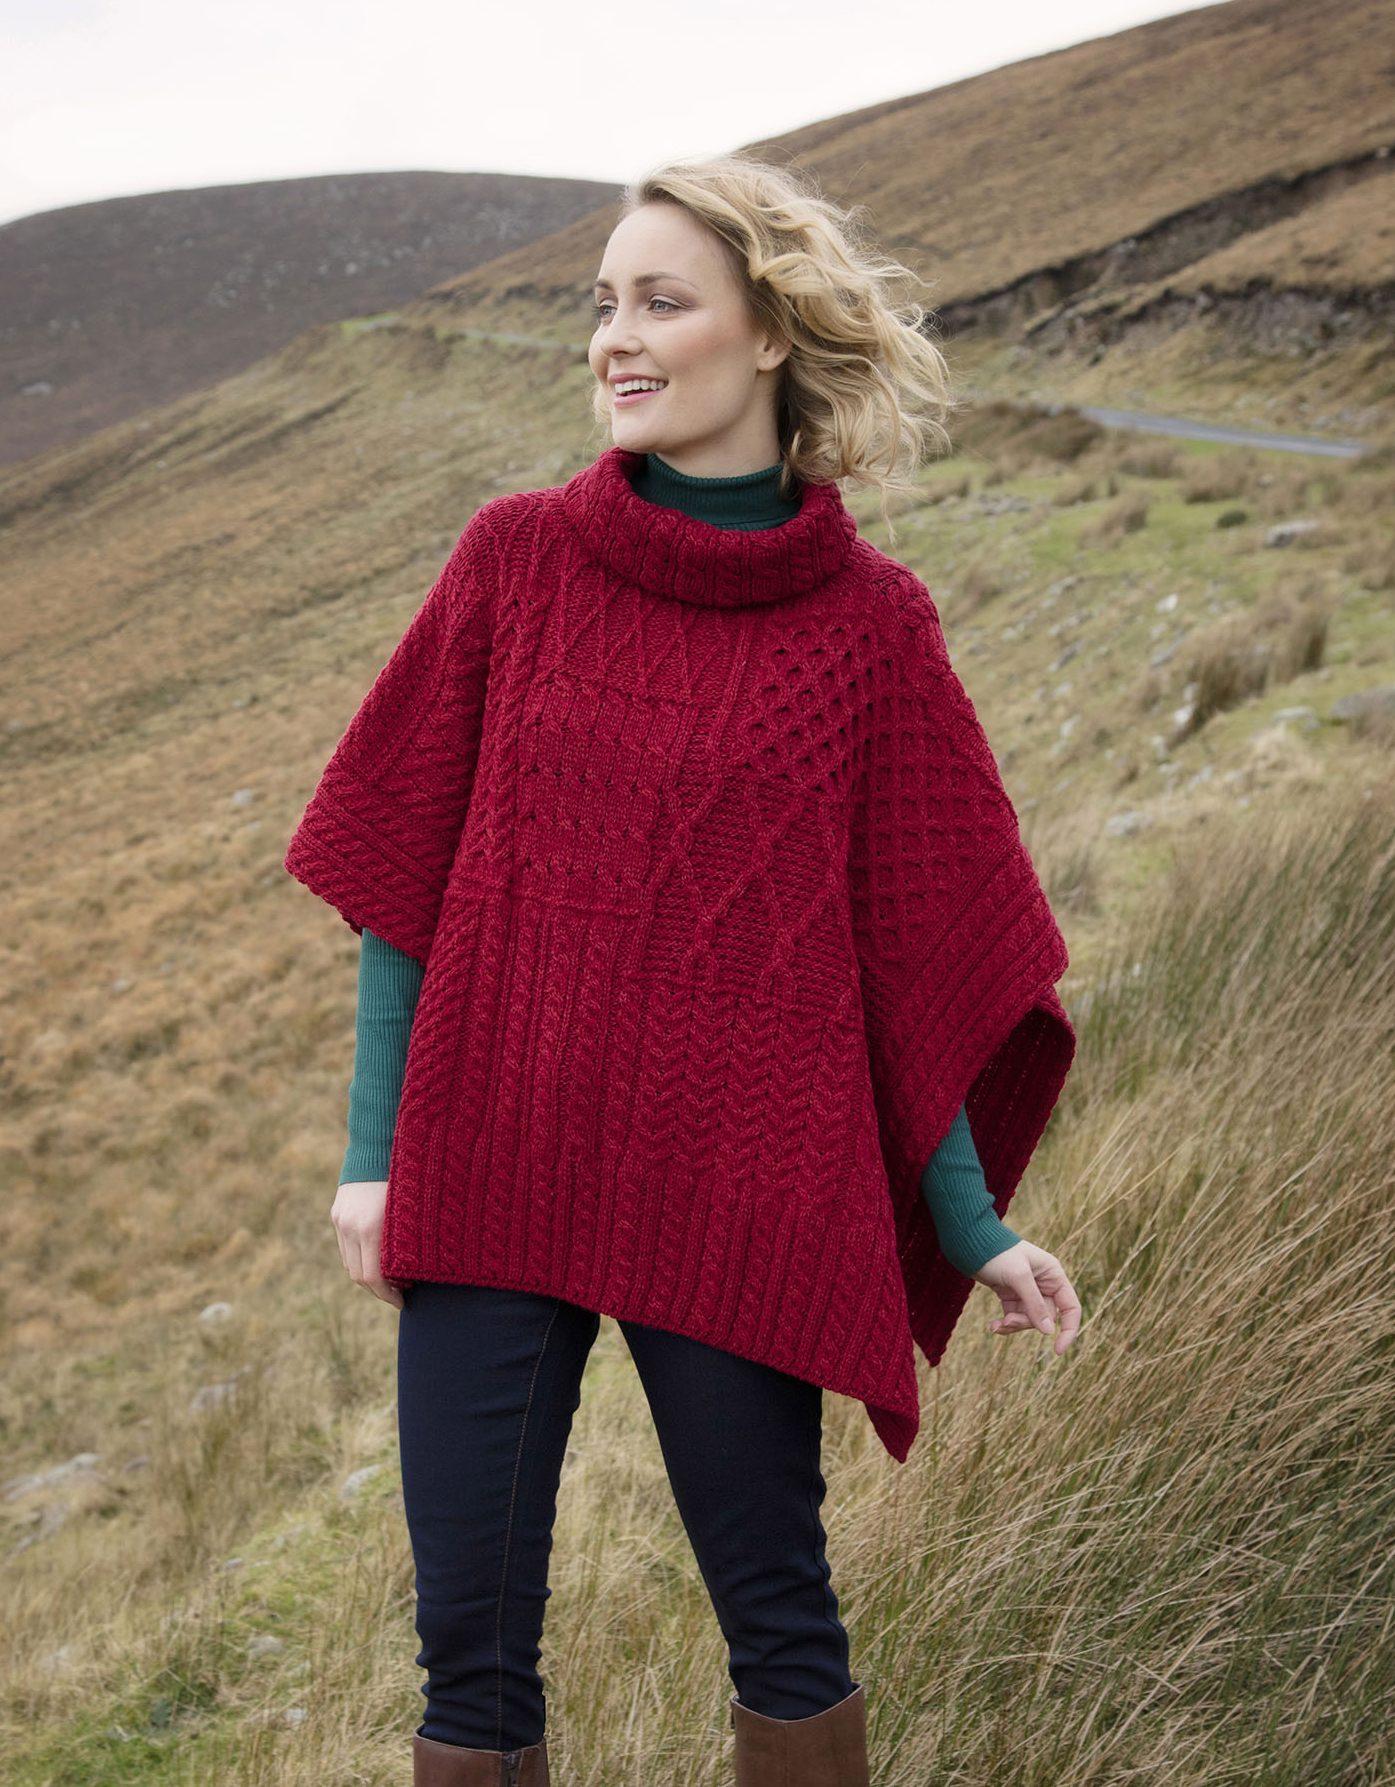 ffedf689ab971f Carraig Donn Irish Aran Wool Sweater Lined Cable Knit Qtr Half Zip Neck  Aran Sweater